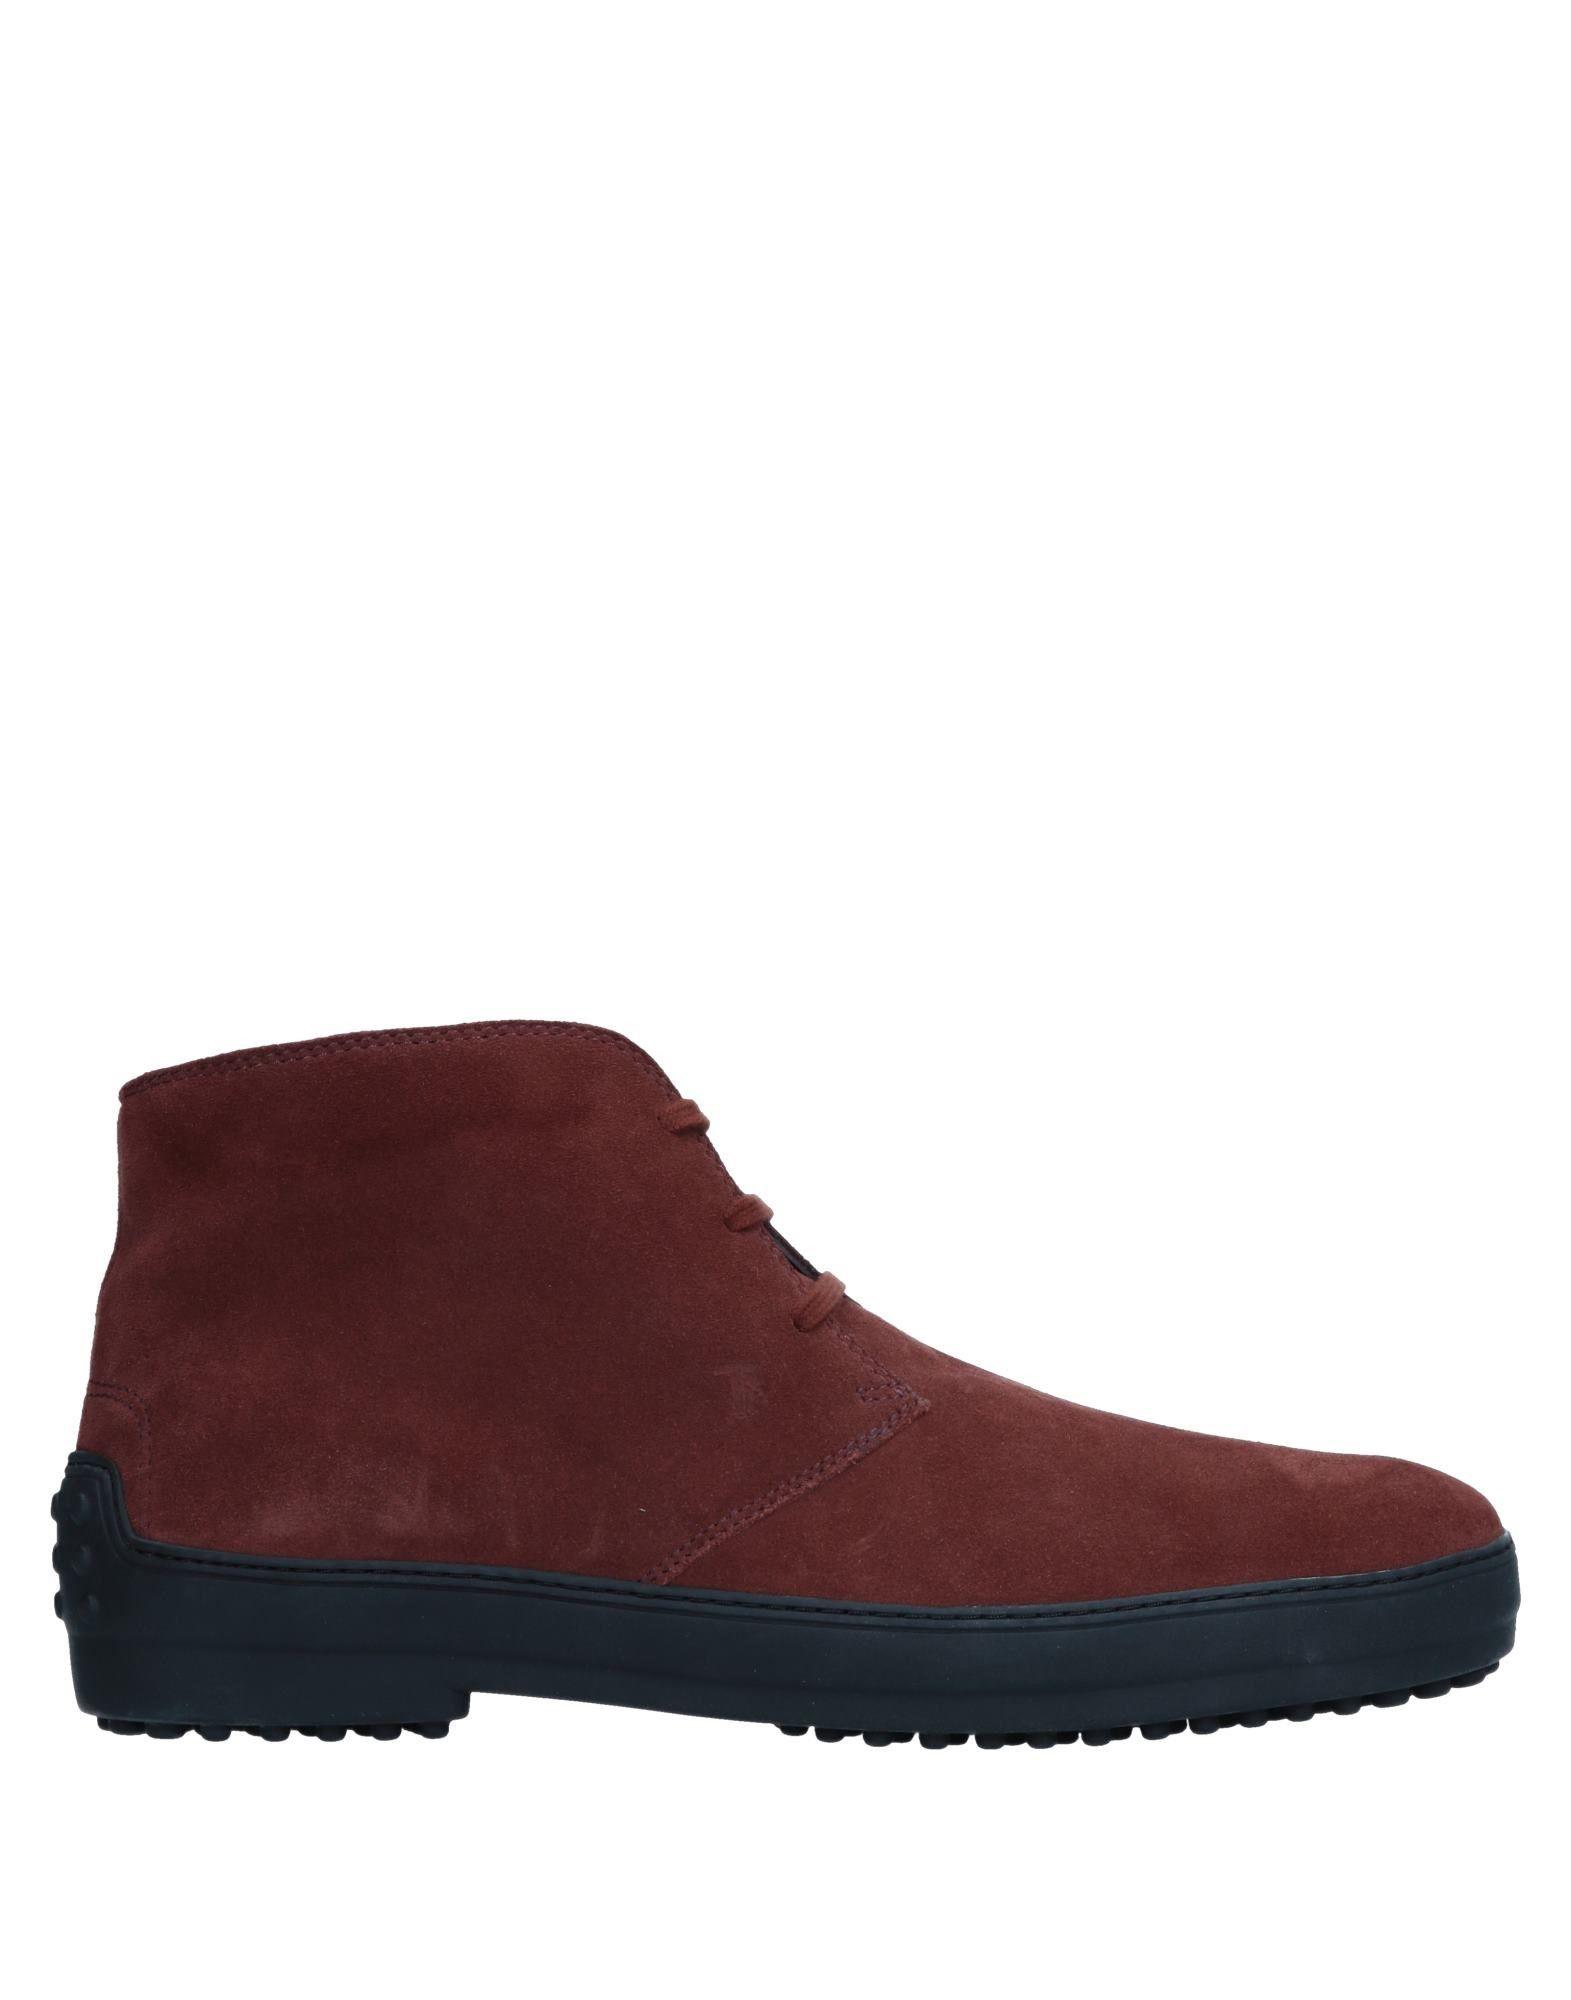 Tod's Stiefelette Herren  11544287XC Gute Qualität beliebte Schuhe